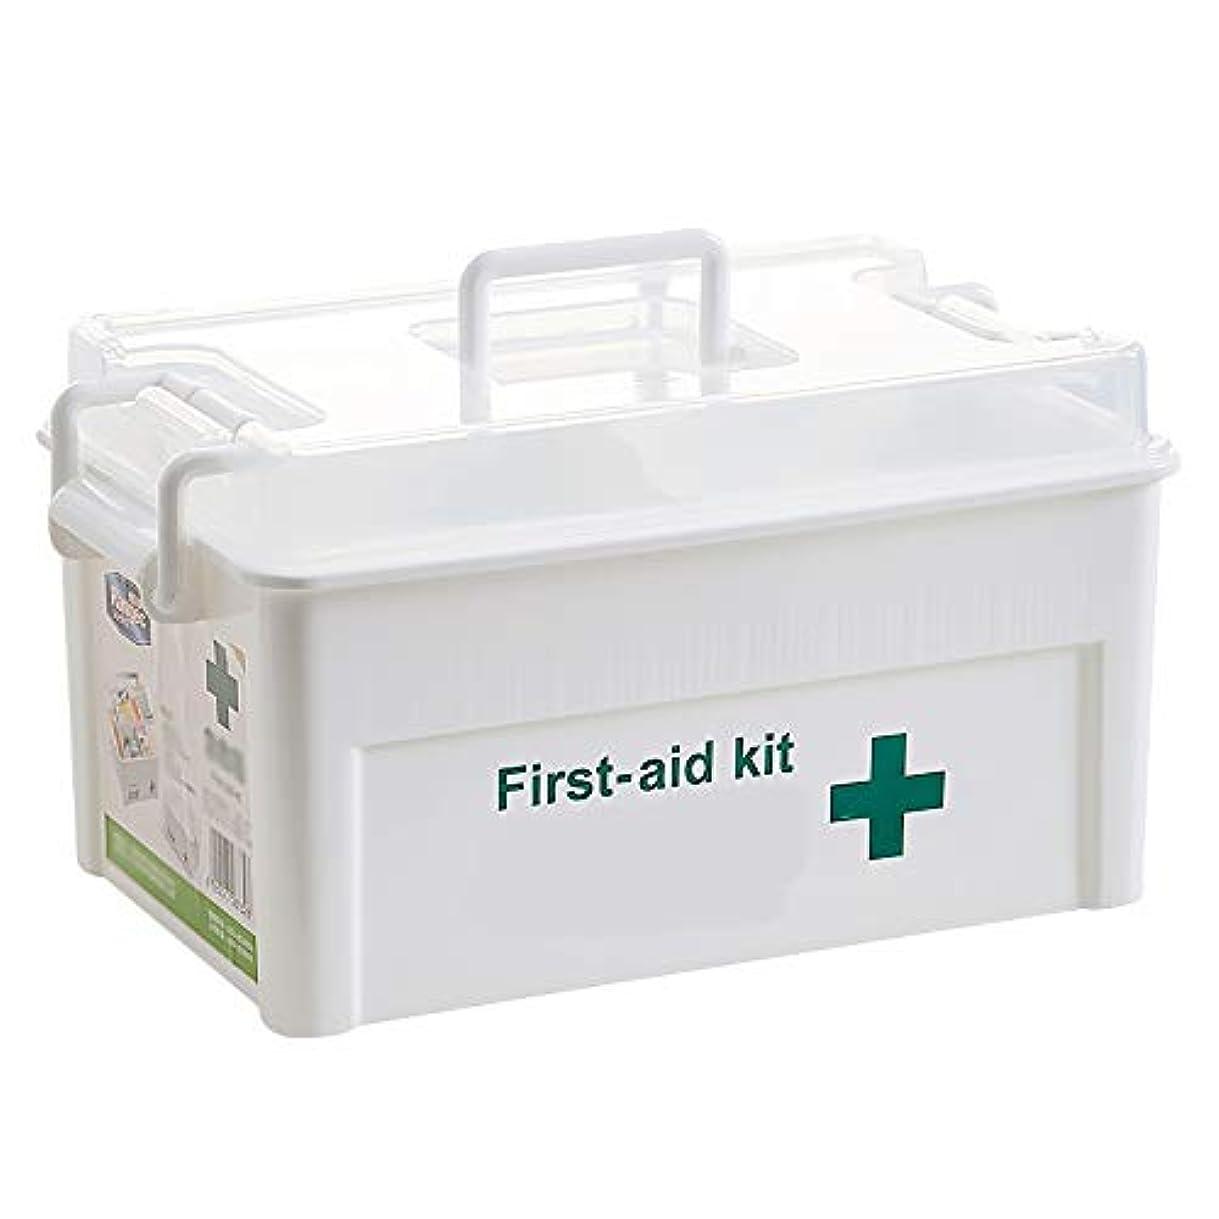 ルールメルボルンとは異なり二重層ボックス医療収納ボックス胸部、プラスチックビン手キャリー薬ピル収納応急処置キットケースボックス家庭用多層家庭医学コンテナ含まれていない応急処置用品